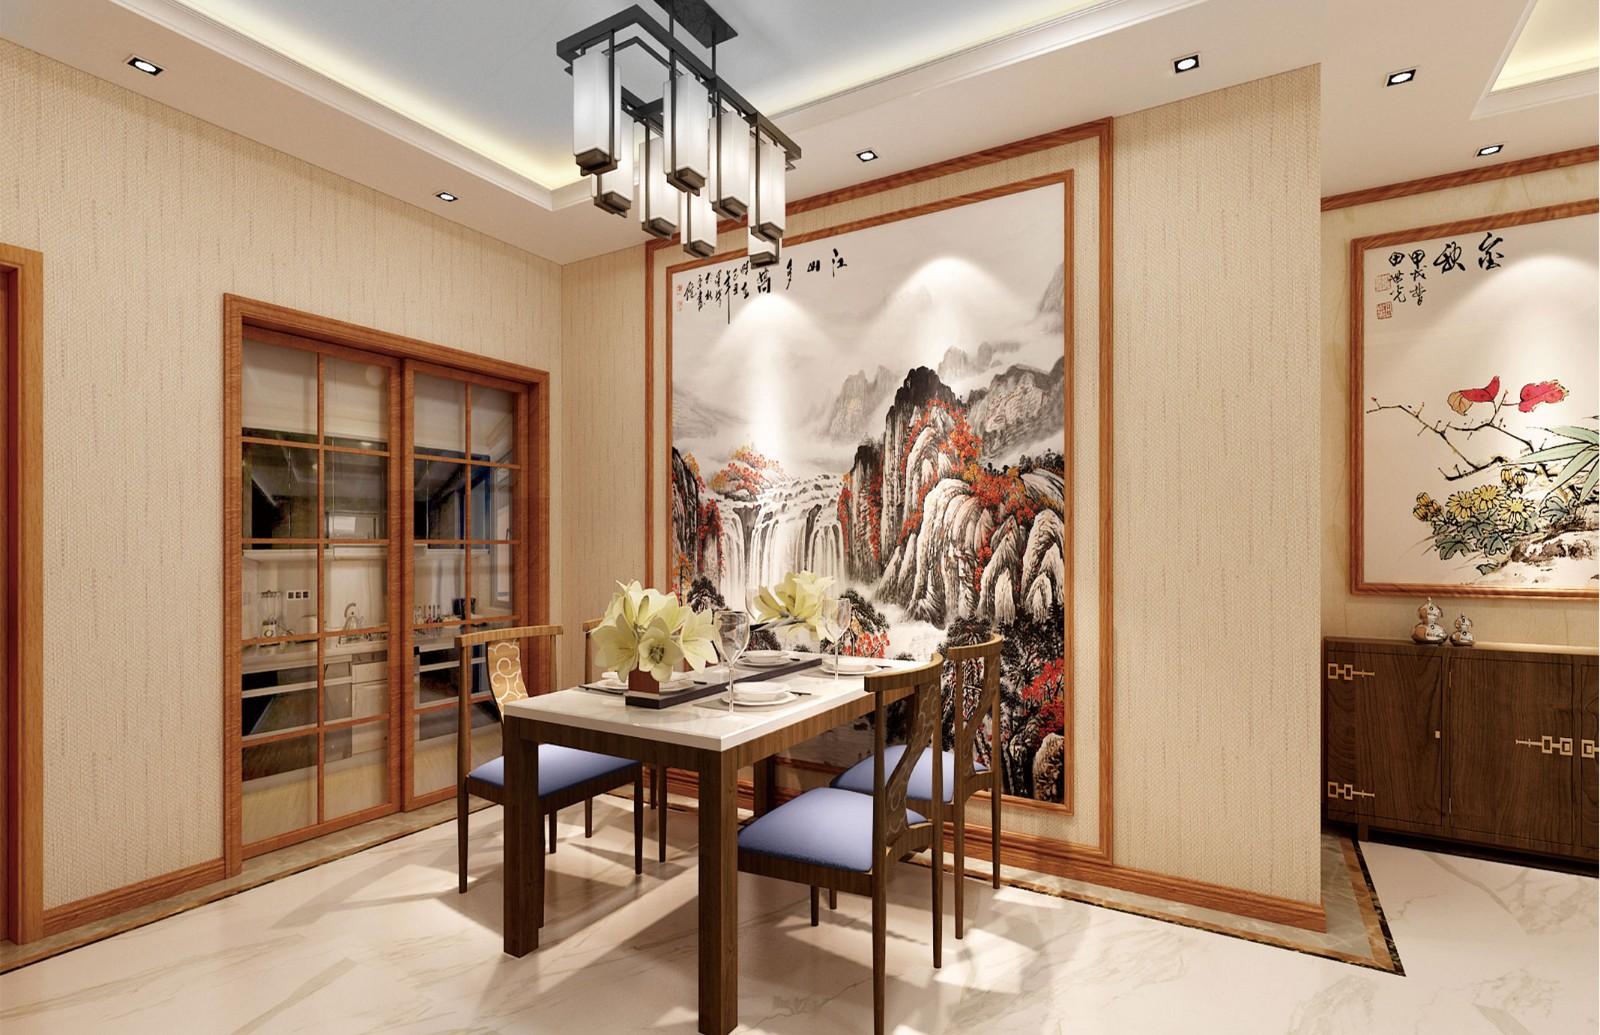 4室2卫1厅110平米中式风格